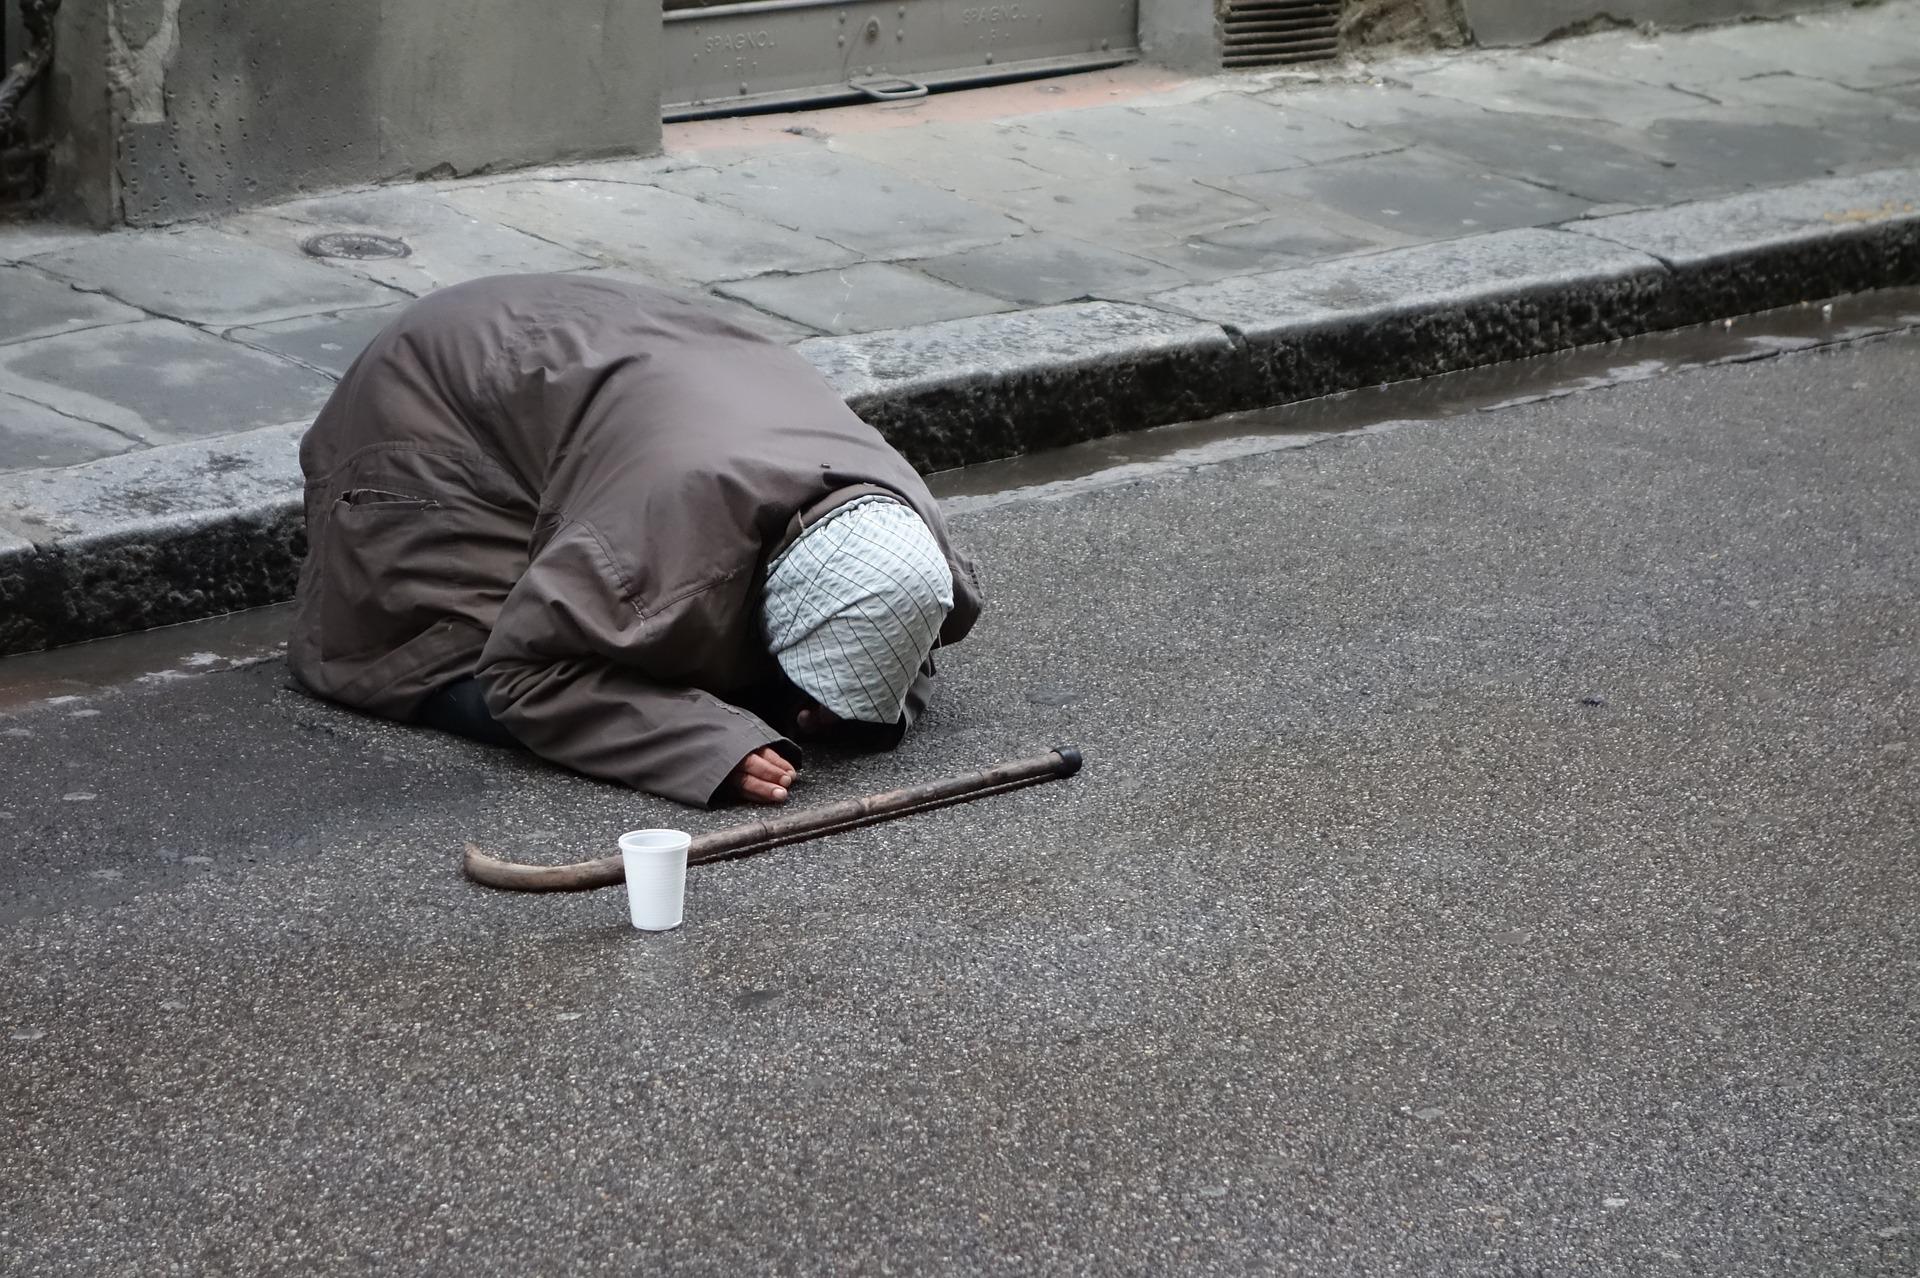 Beggars knocking on my door